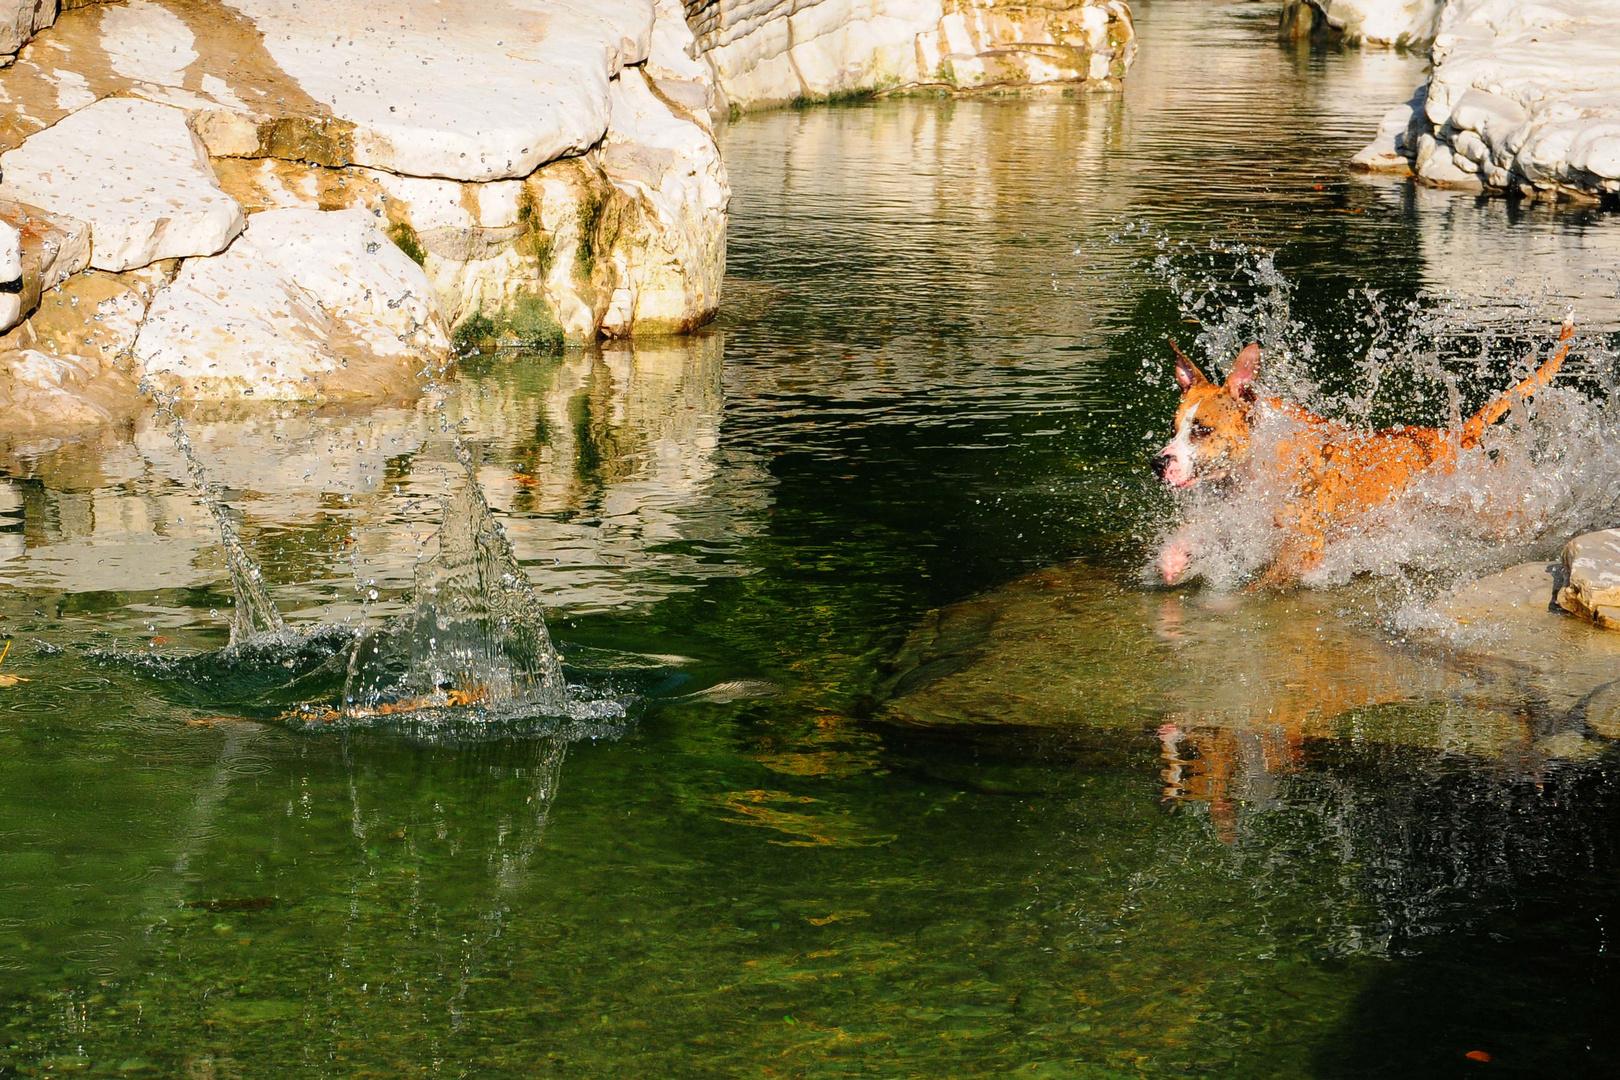 Splash - fang das Stöckchen